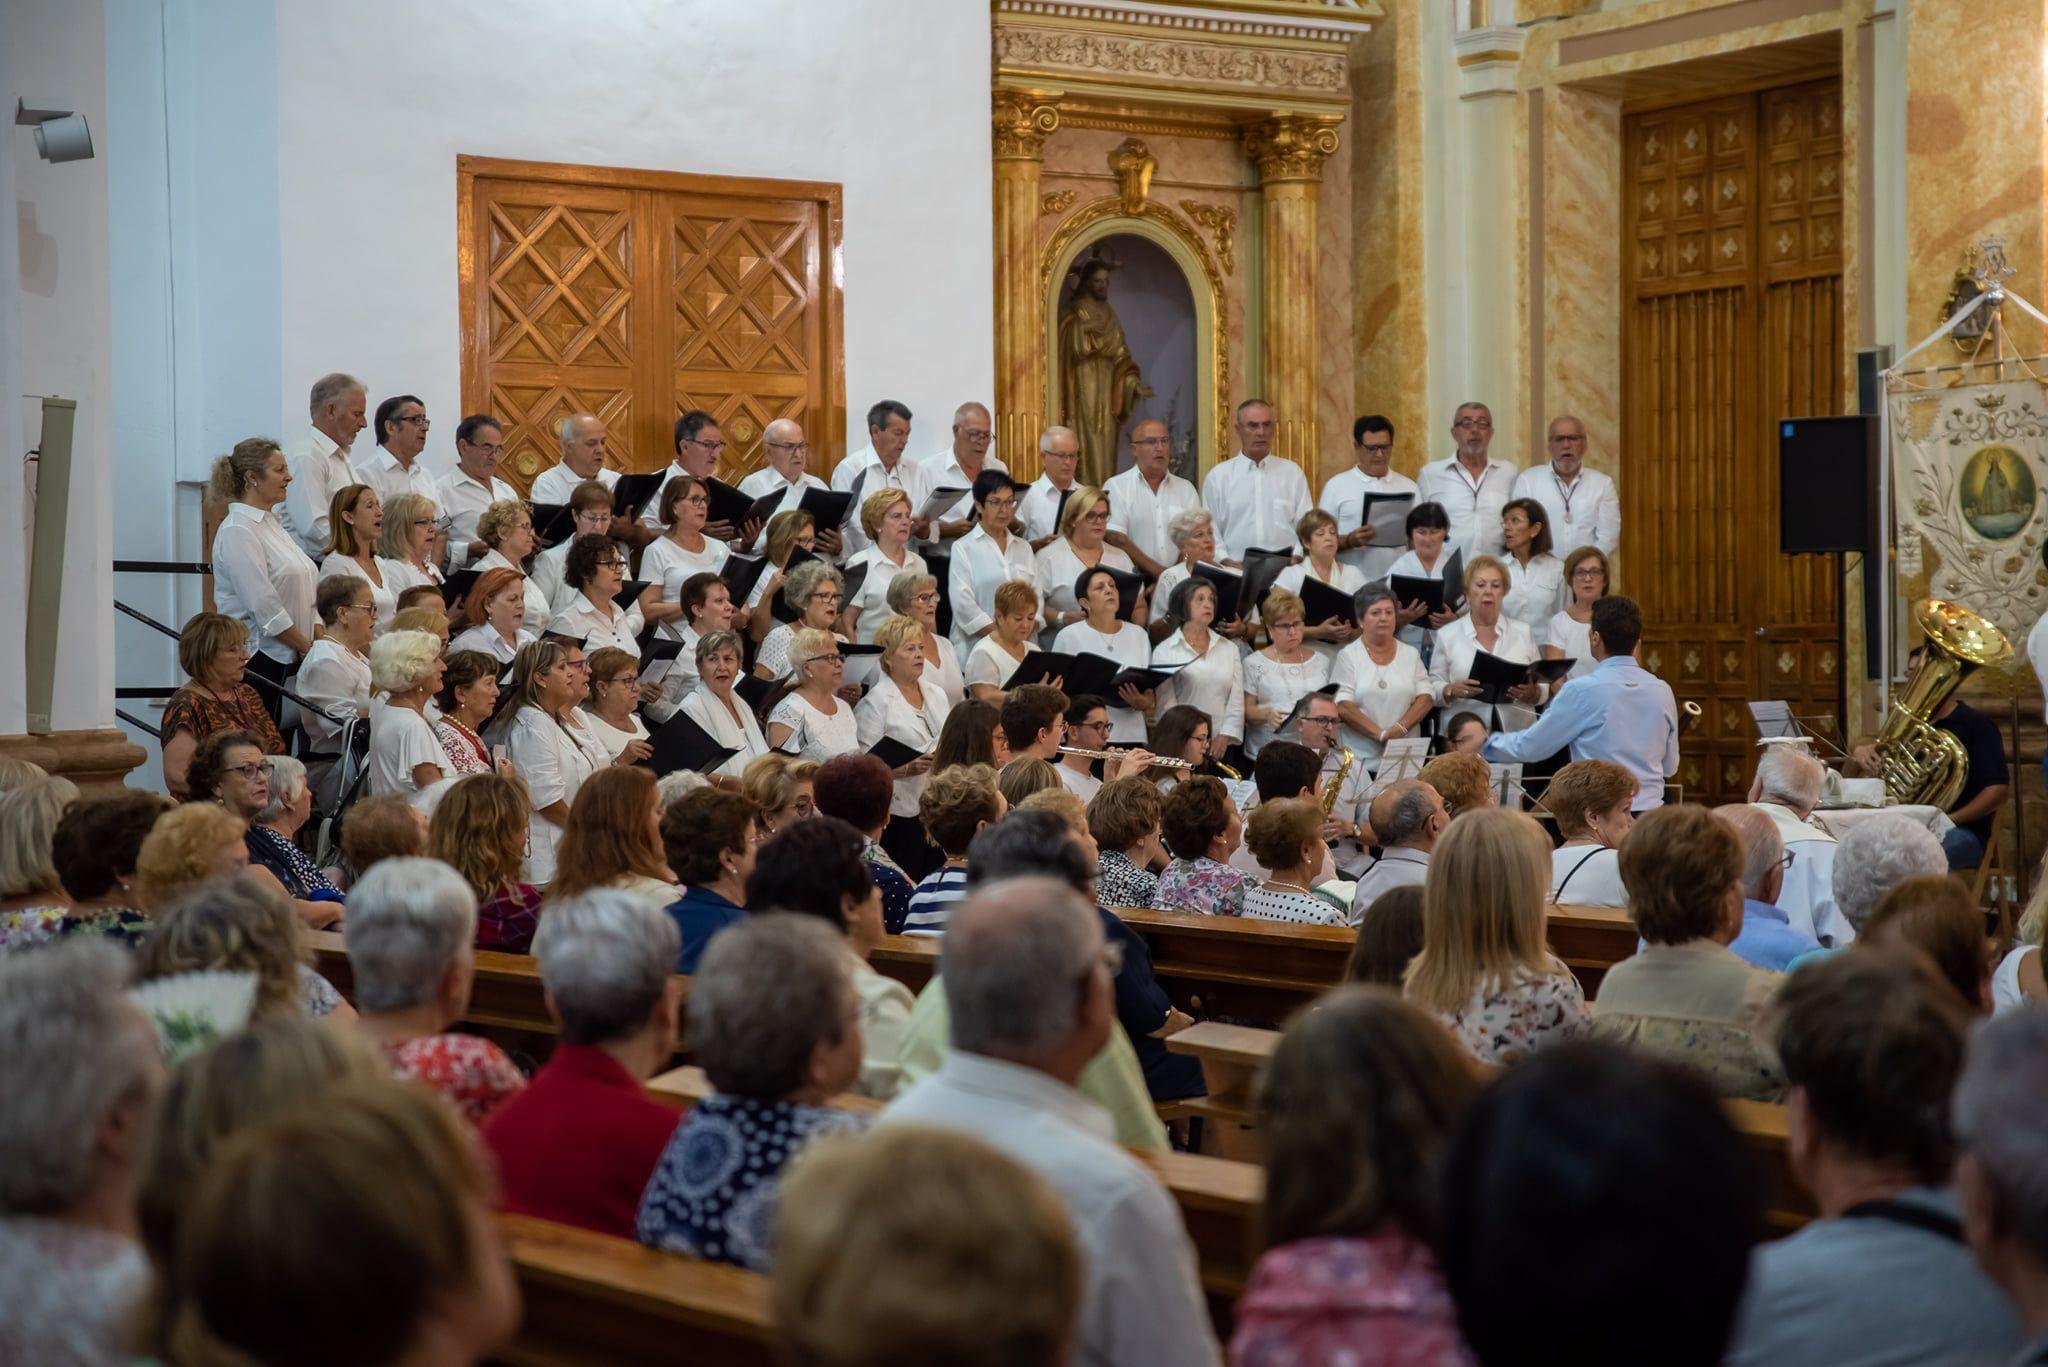 La Coral cantando a la Virgen. Foto: Abraham de la Rosa